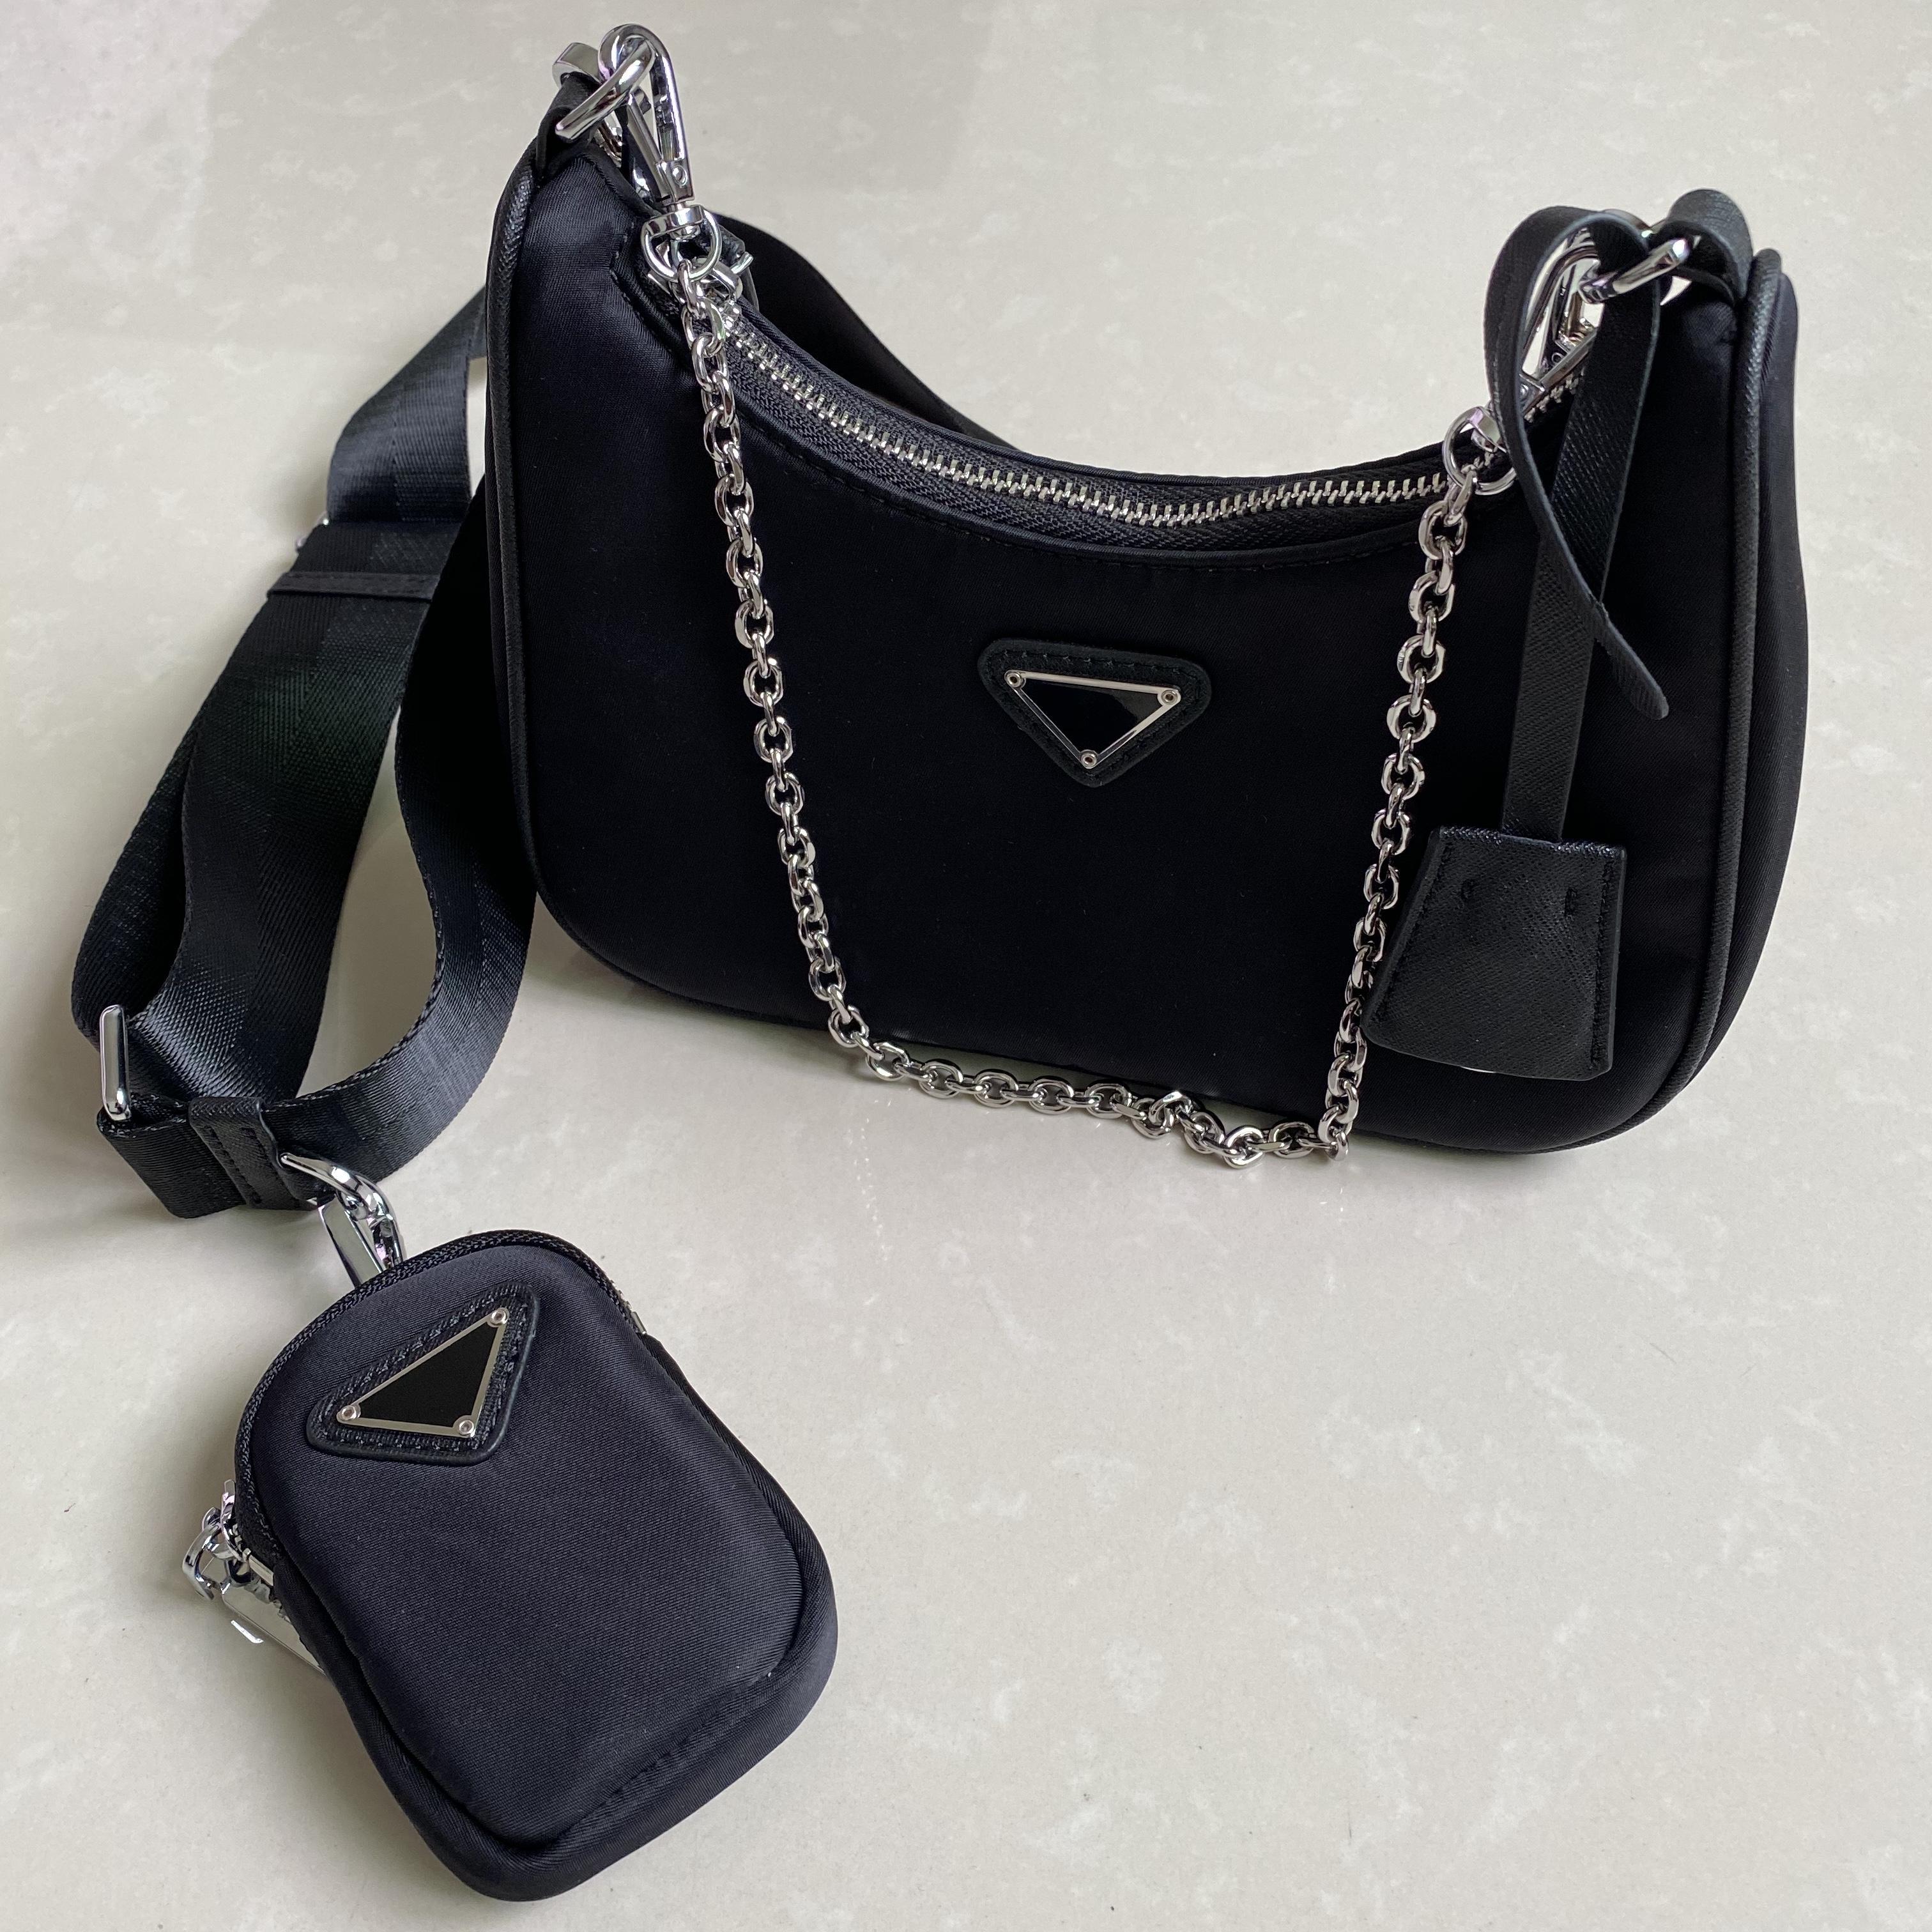 والأكثر مبيعا المصممين نايلون حقائب الكتف حقيبة يد حقيبة يد الموضة luxurys محفظة يكيس سرج ثلاثة أكياس قطعة مزيج حمل